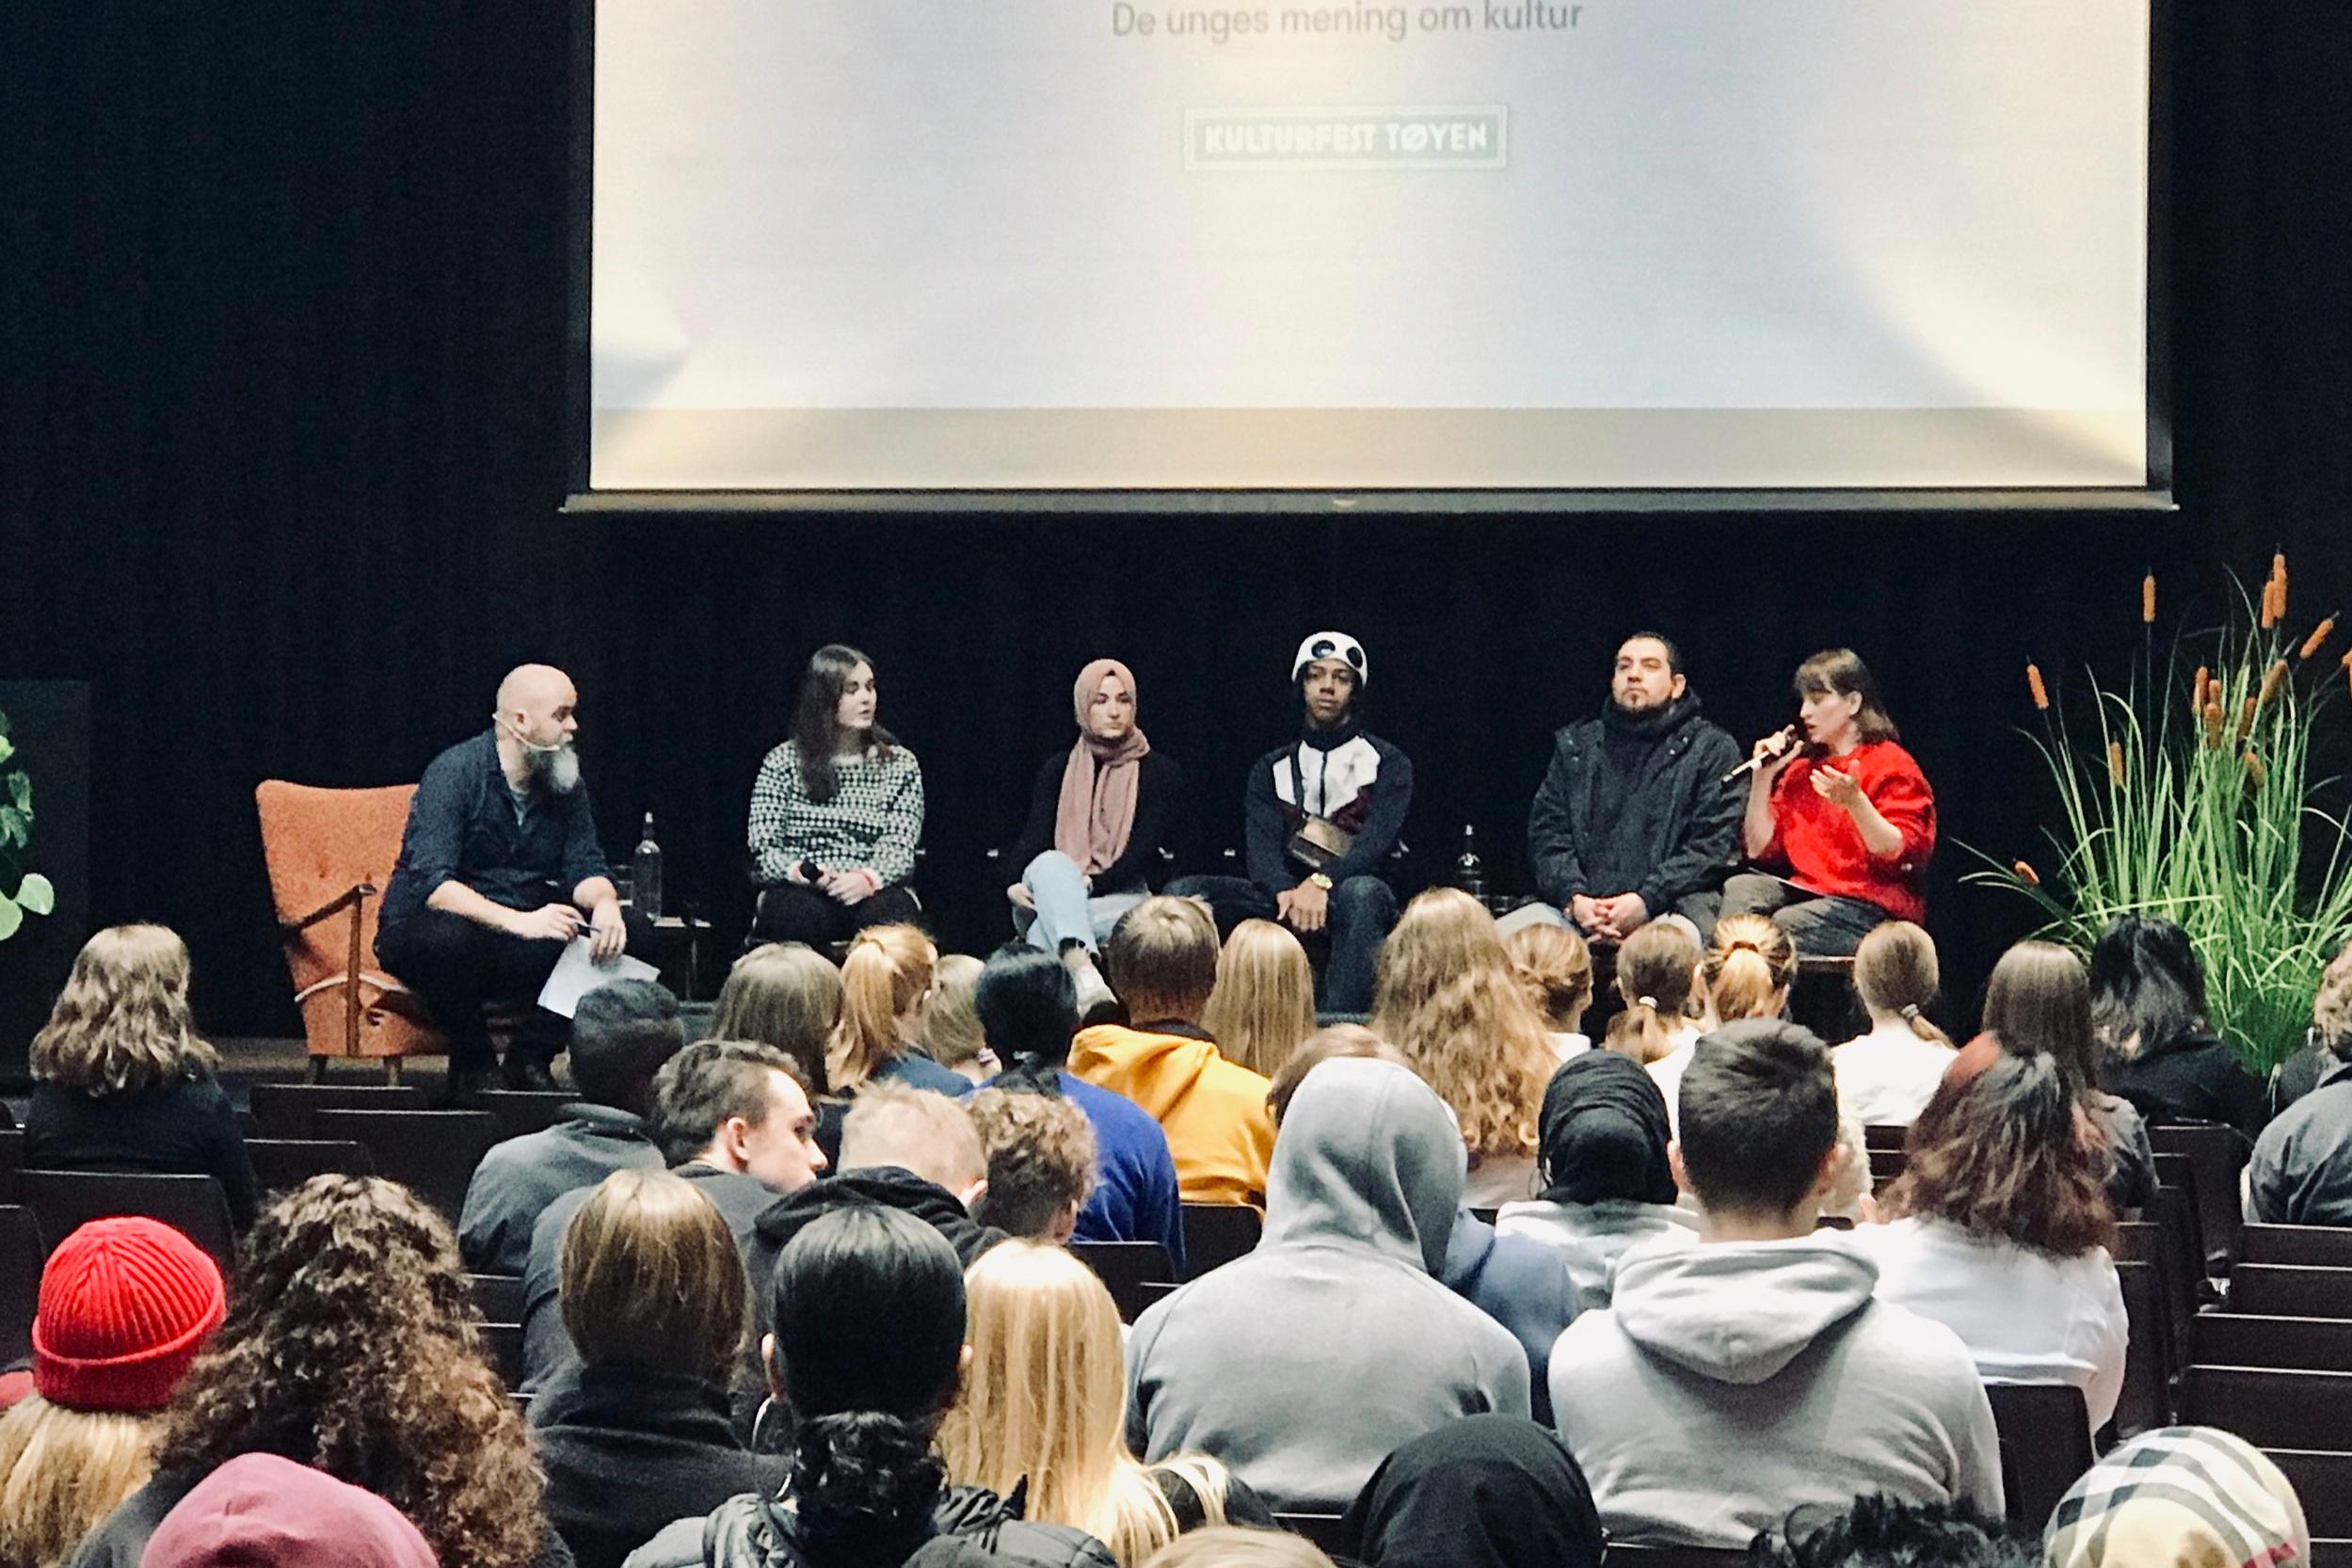 Innspillkonferanse i regi av Kulturfest Tøyen og Miniøya i Oslo